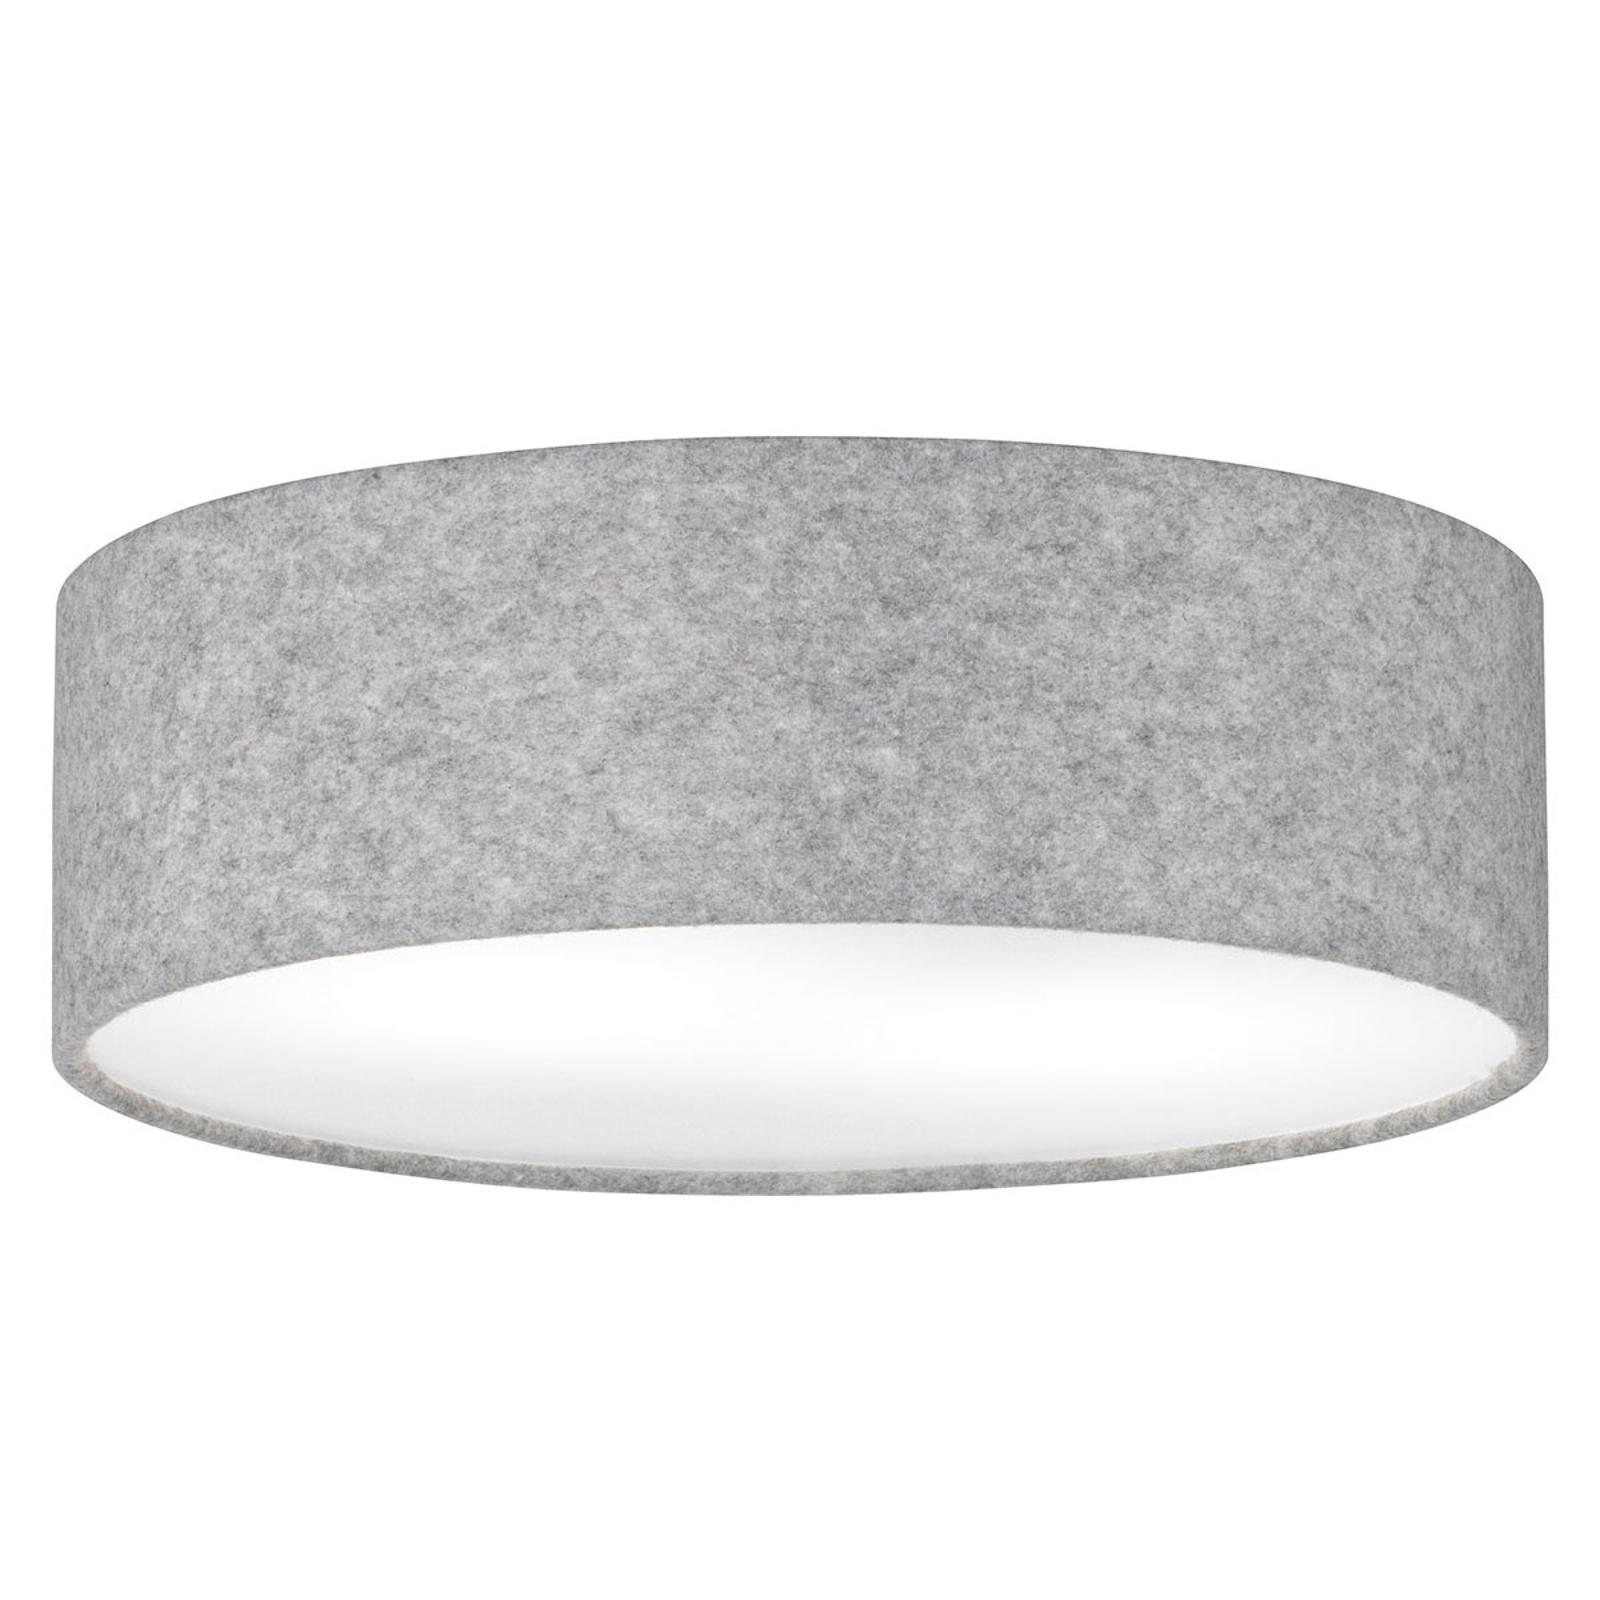 Produktové foto FISCHER & HONSEL Šedé stropní světlo Balder splstěným stínítkem